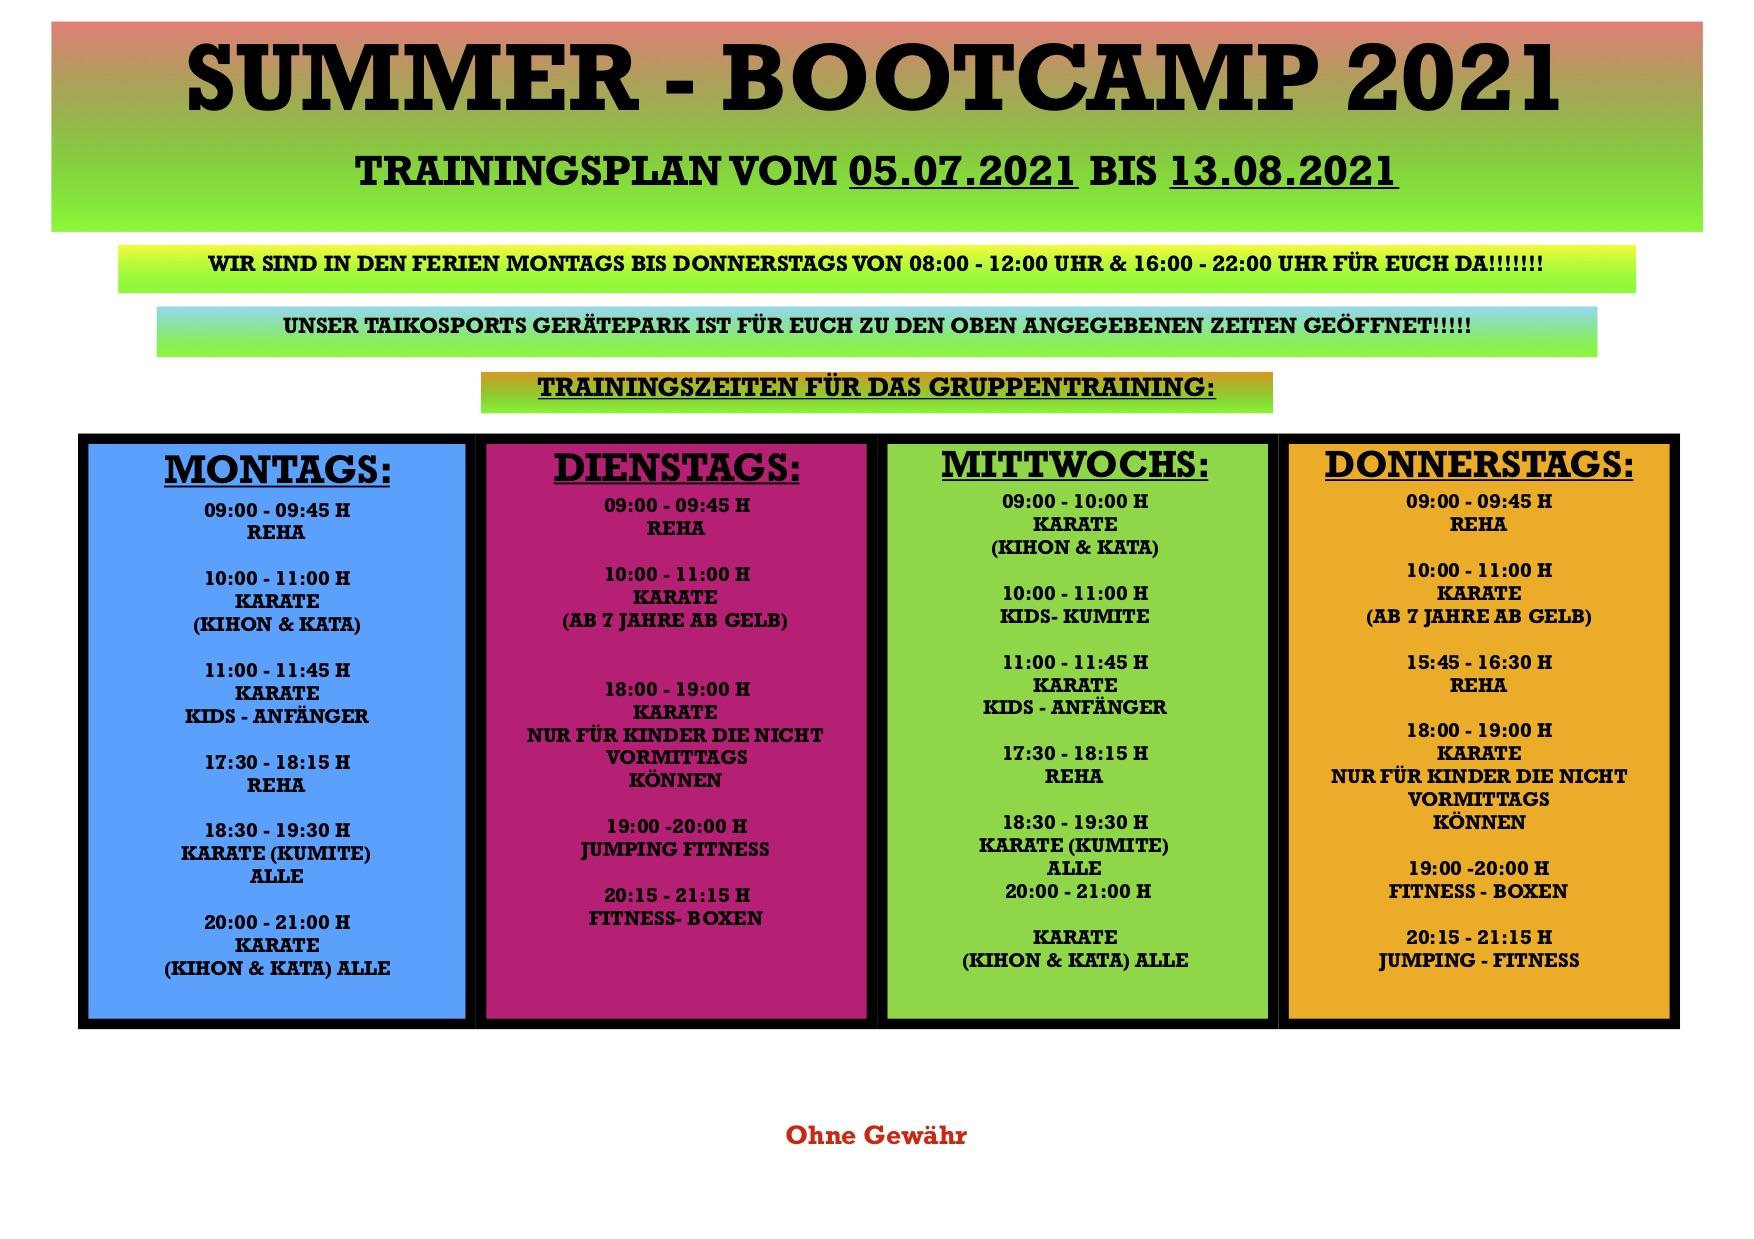 Trainingsplan für die Sommerferien ab 05.07.2021